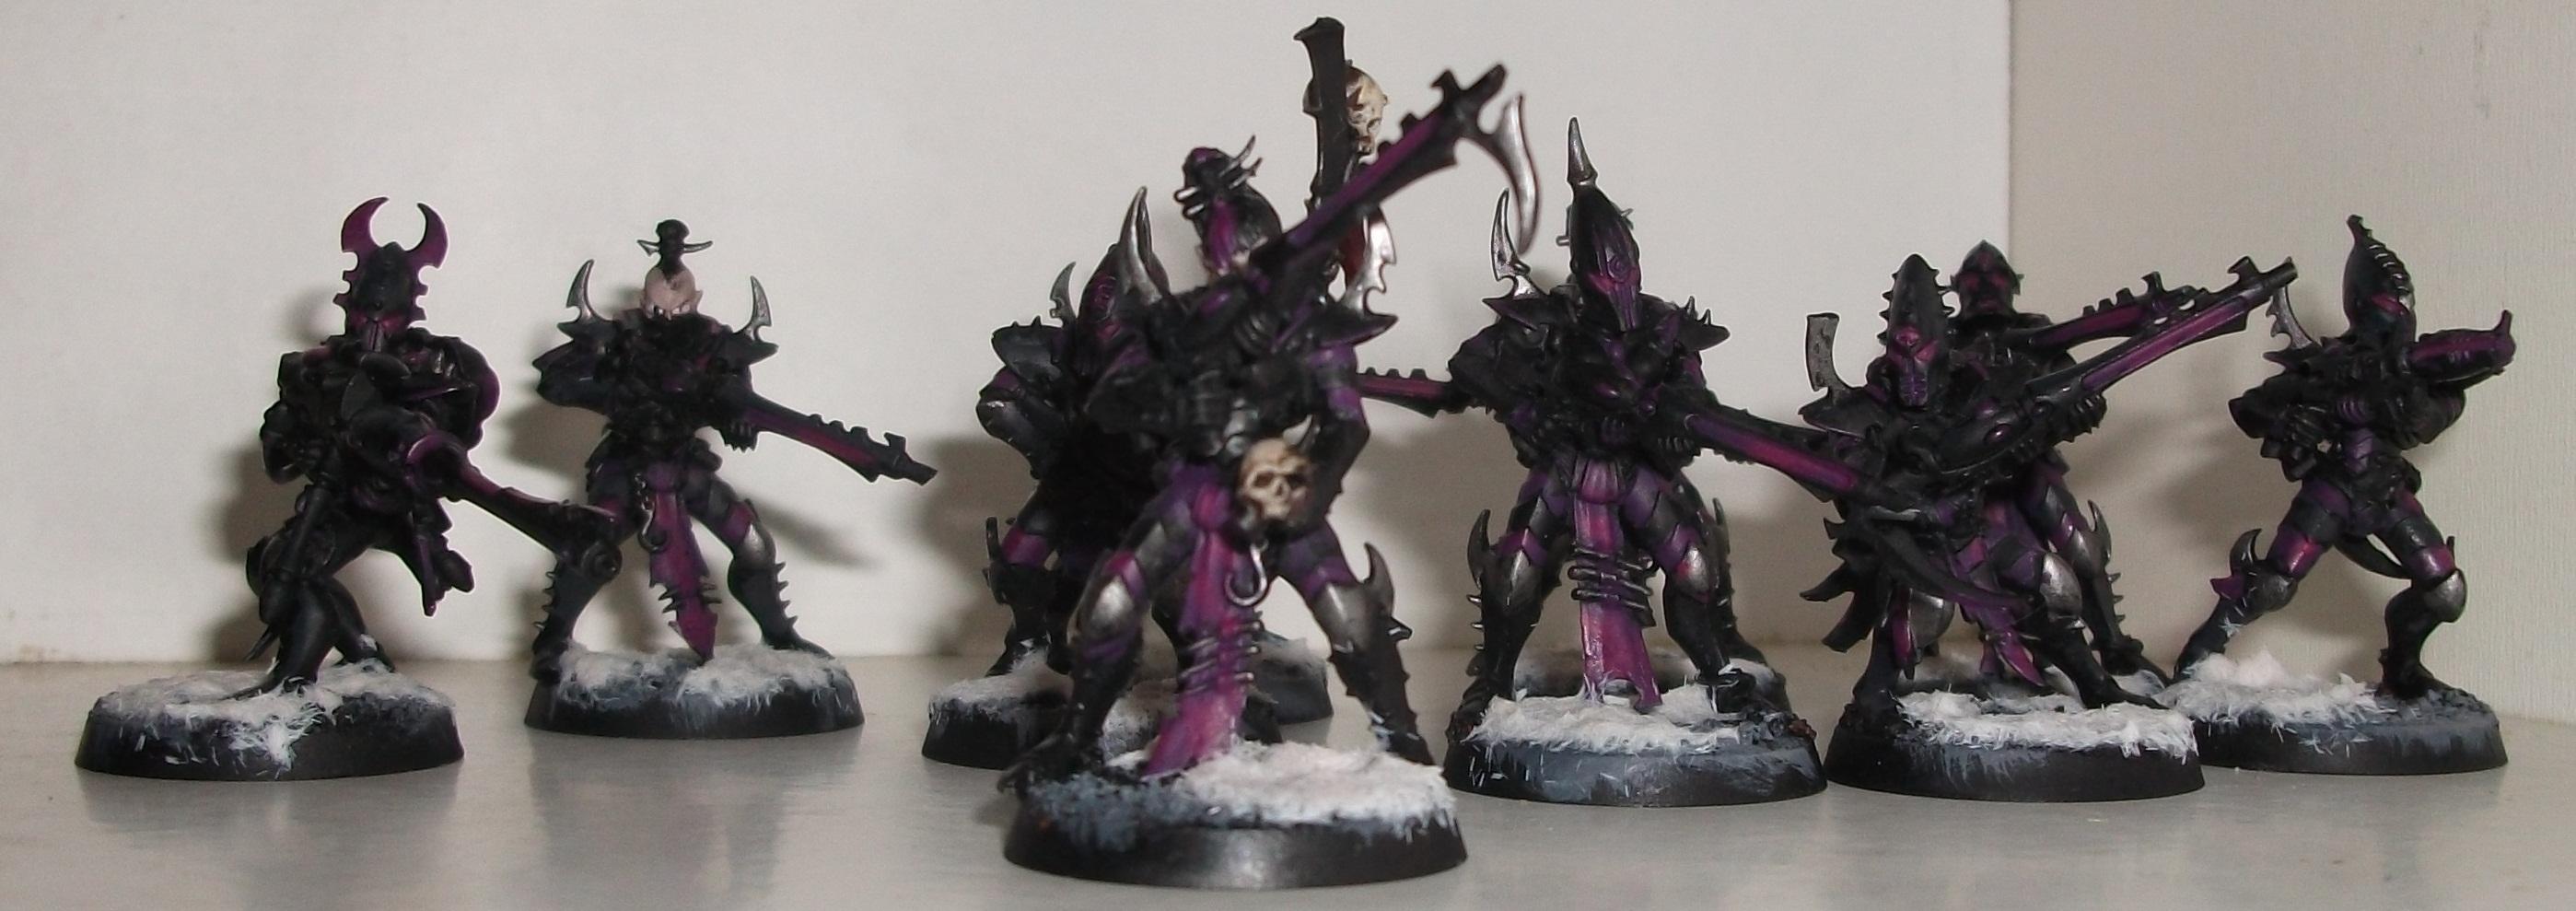 Dark Eldar, Kabalite Warrior, Squad, Warhammer 40,000